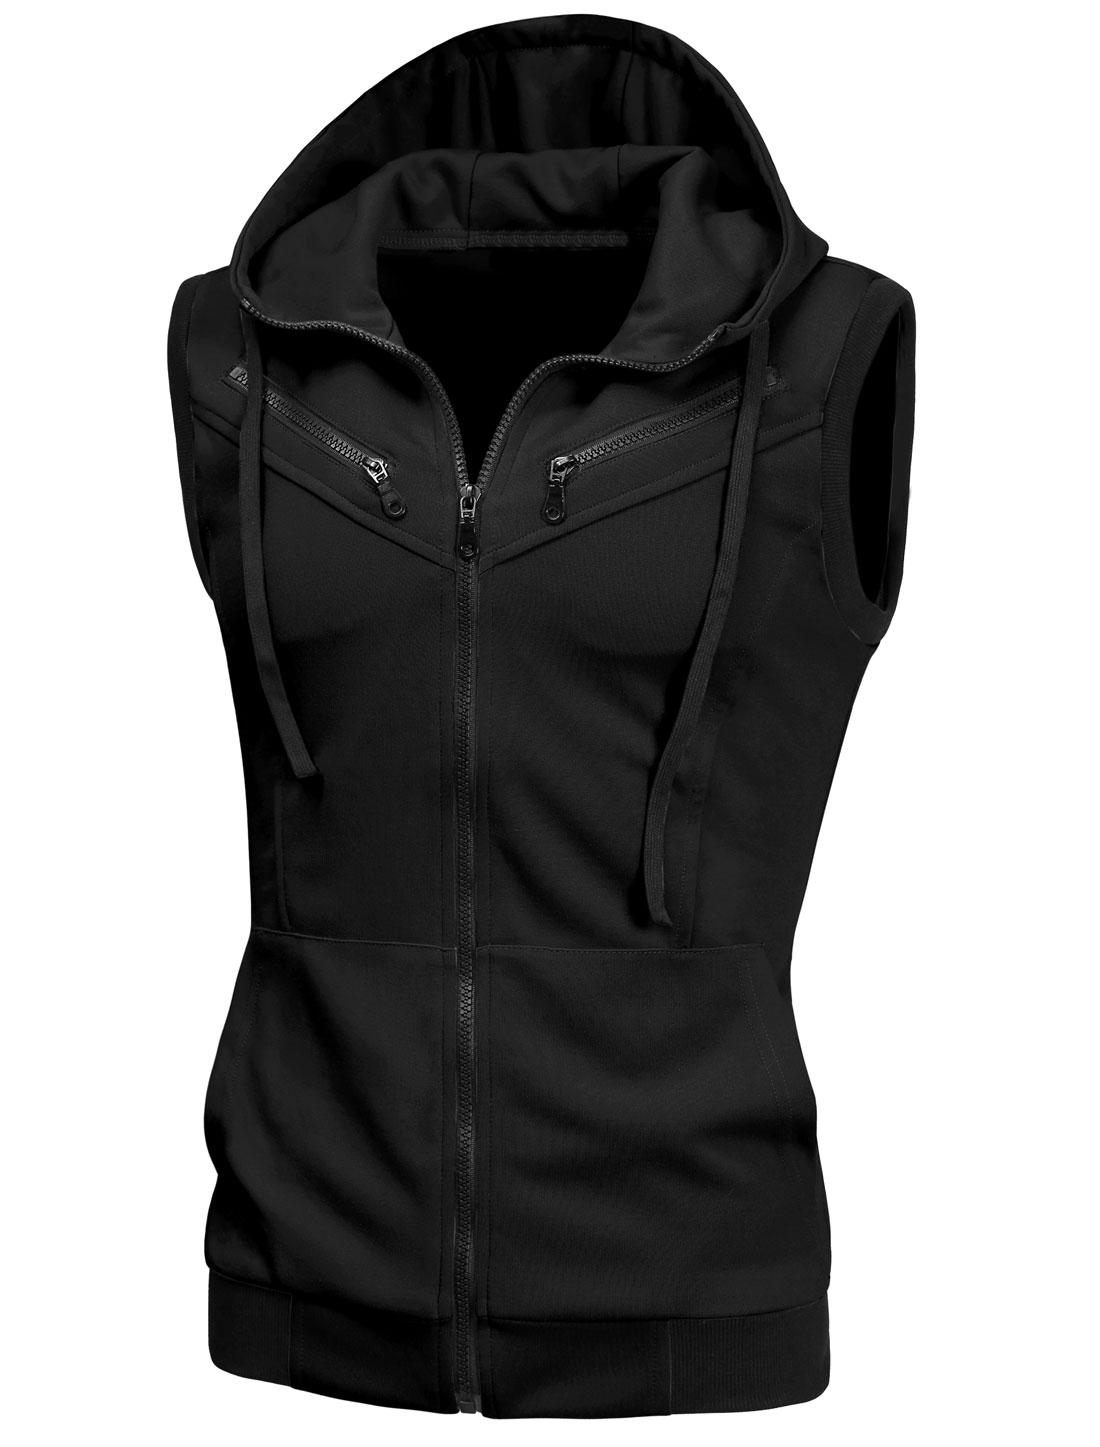 Men Chic Full Zipper Drawstring Hooded Vest Black S